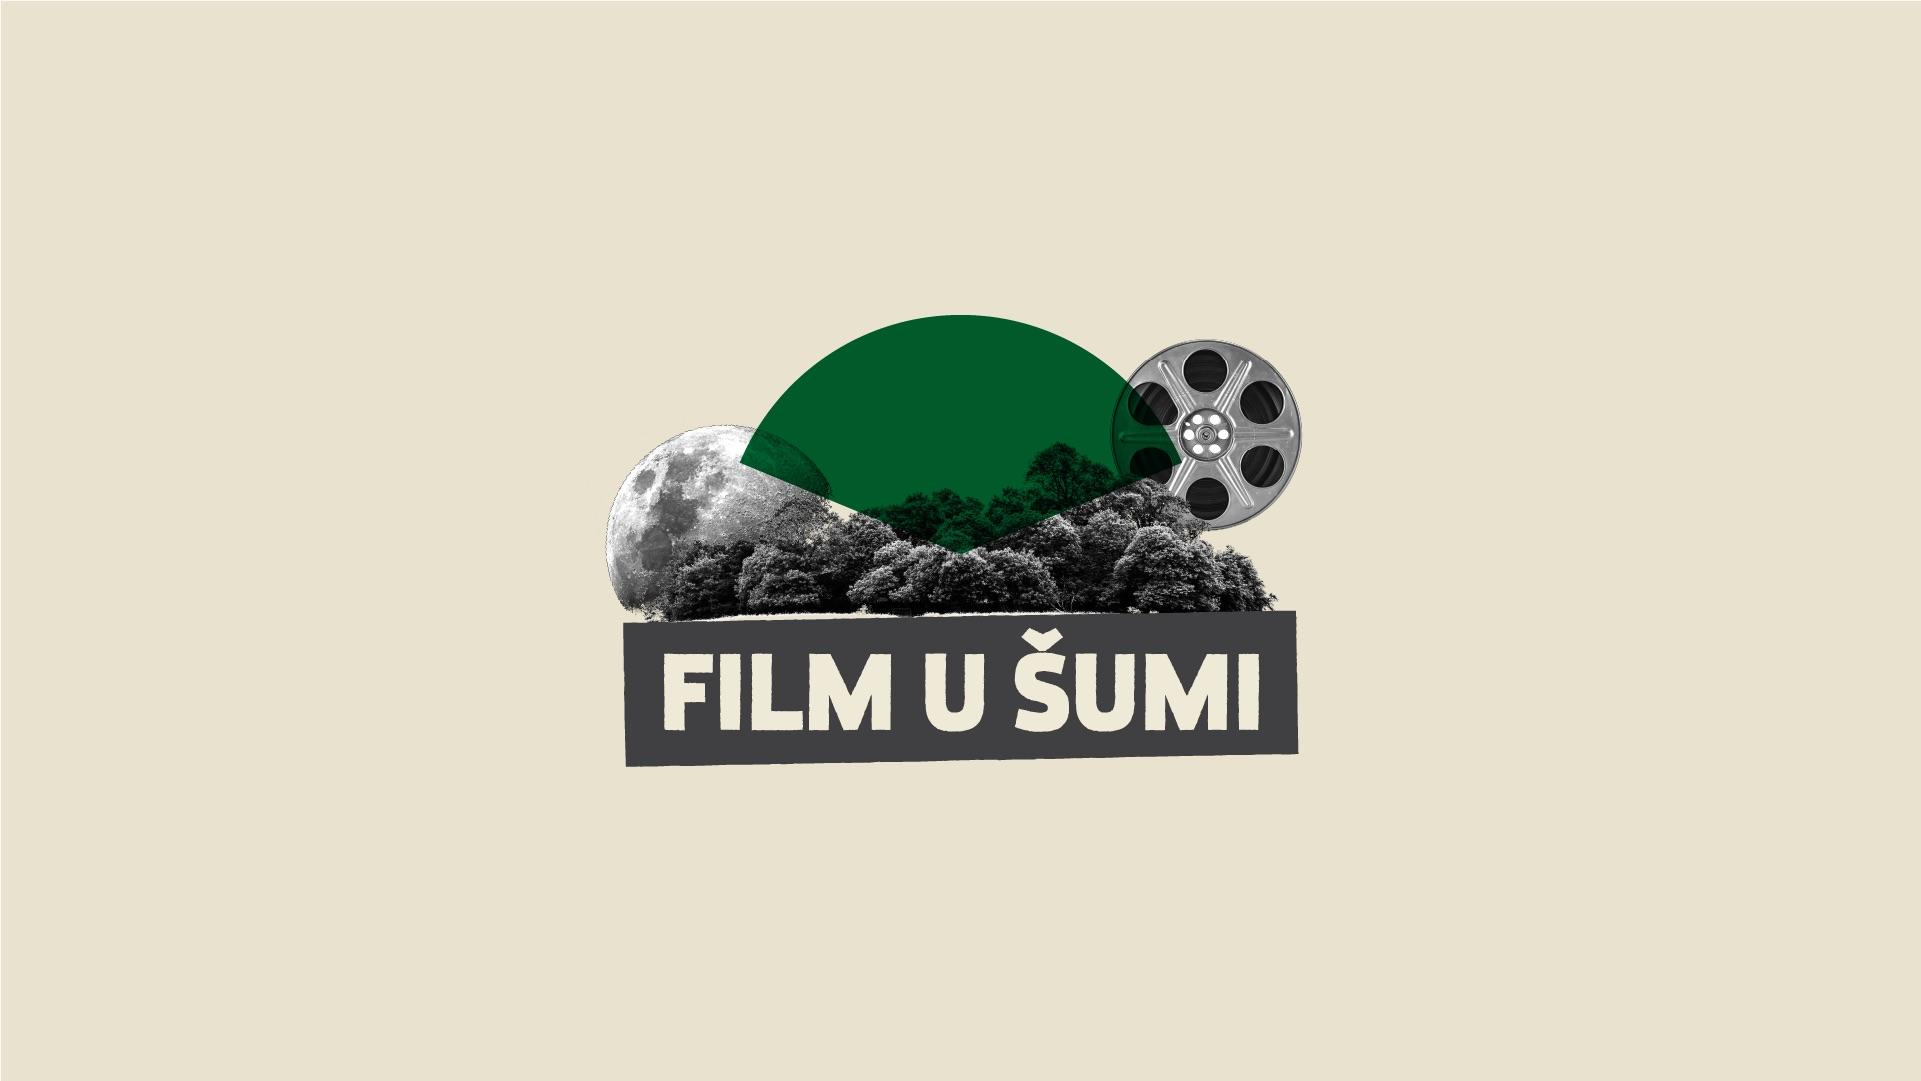 Film u šumi